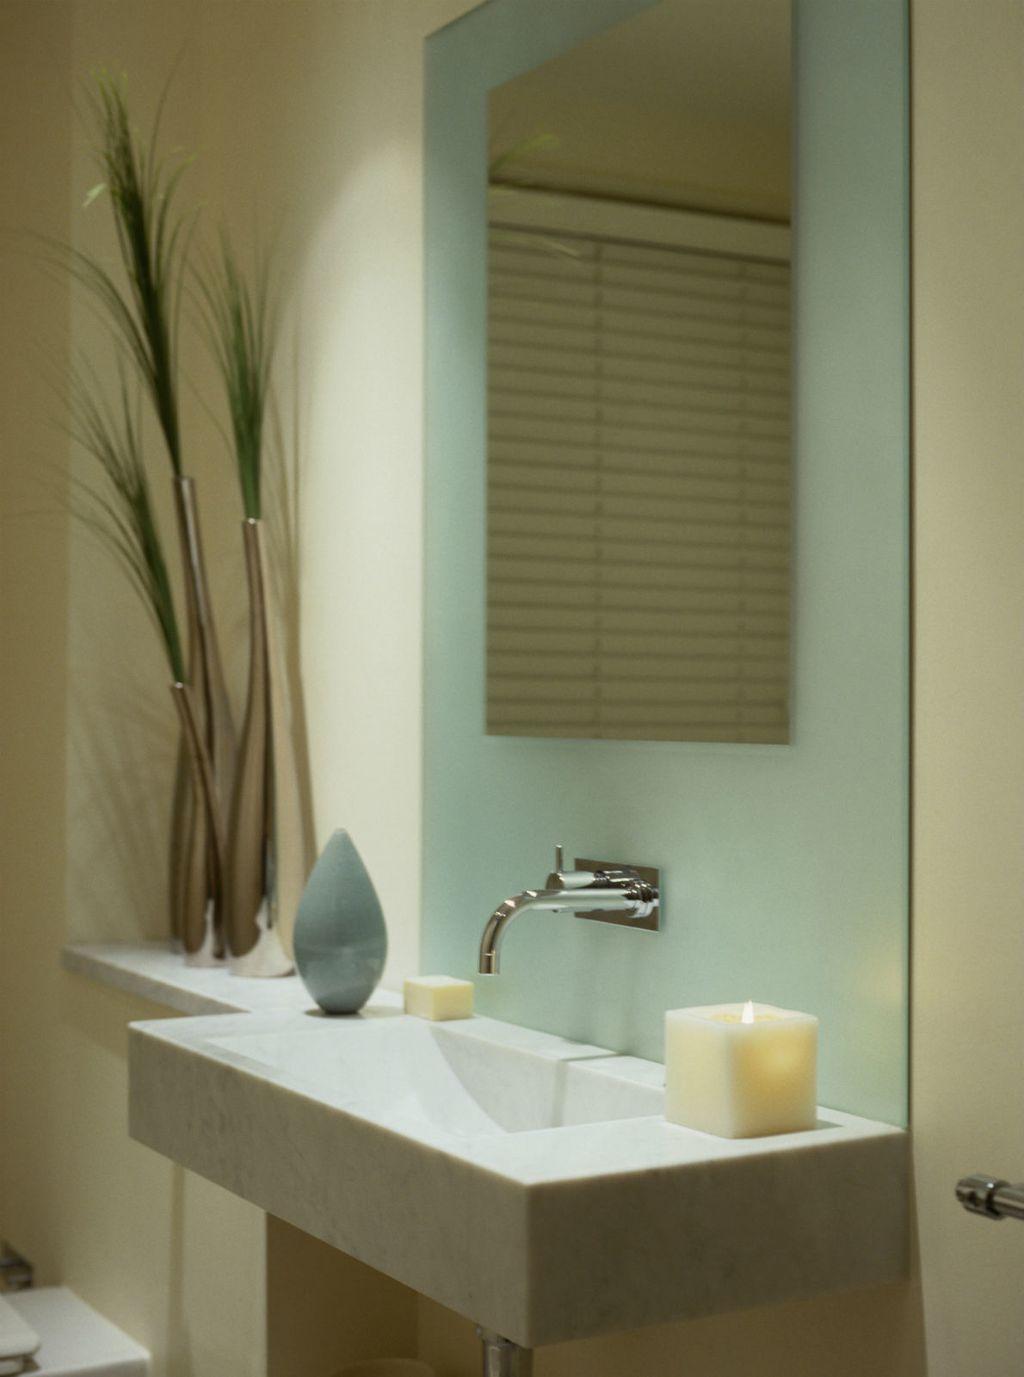 Ideje kako osvježiti dom pastelnim bojama - 15